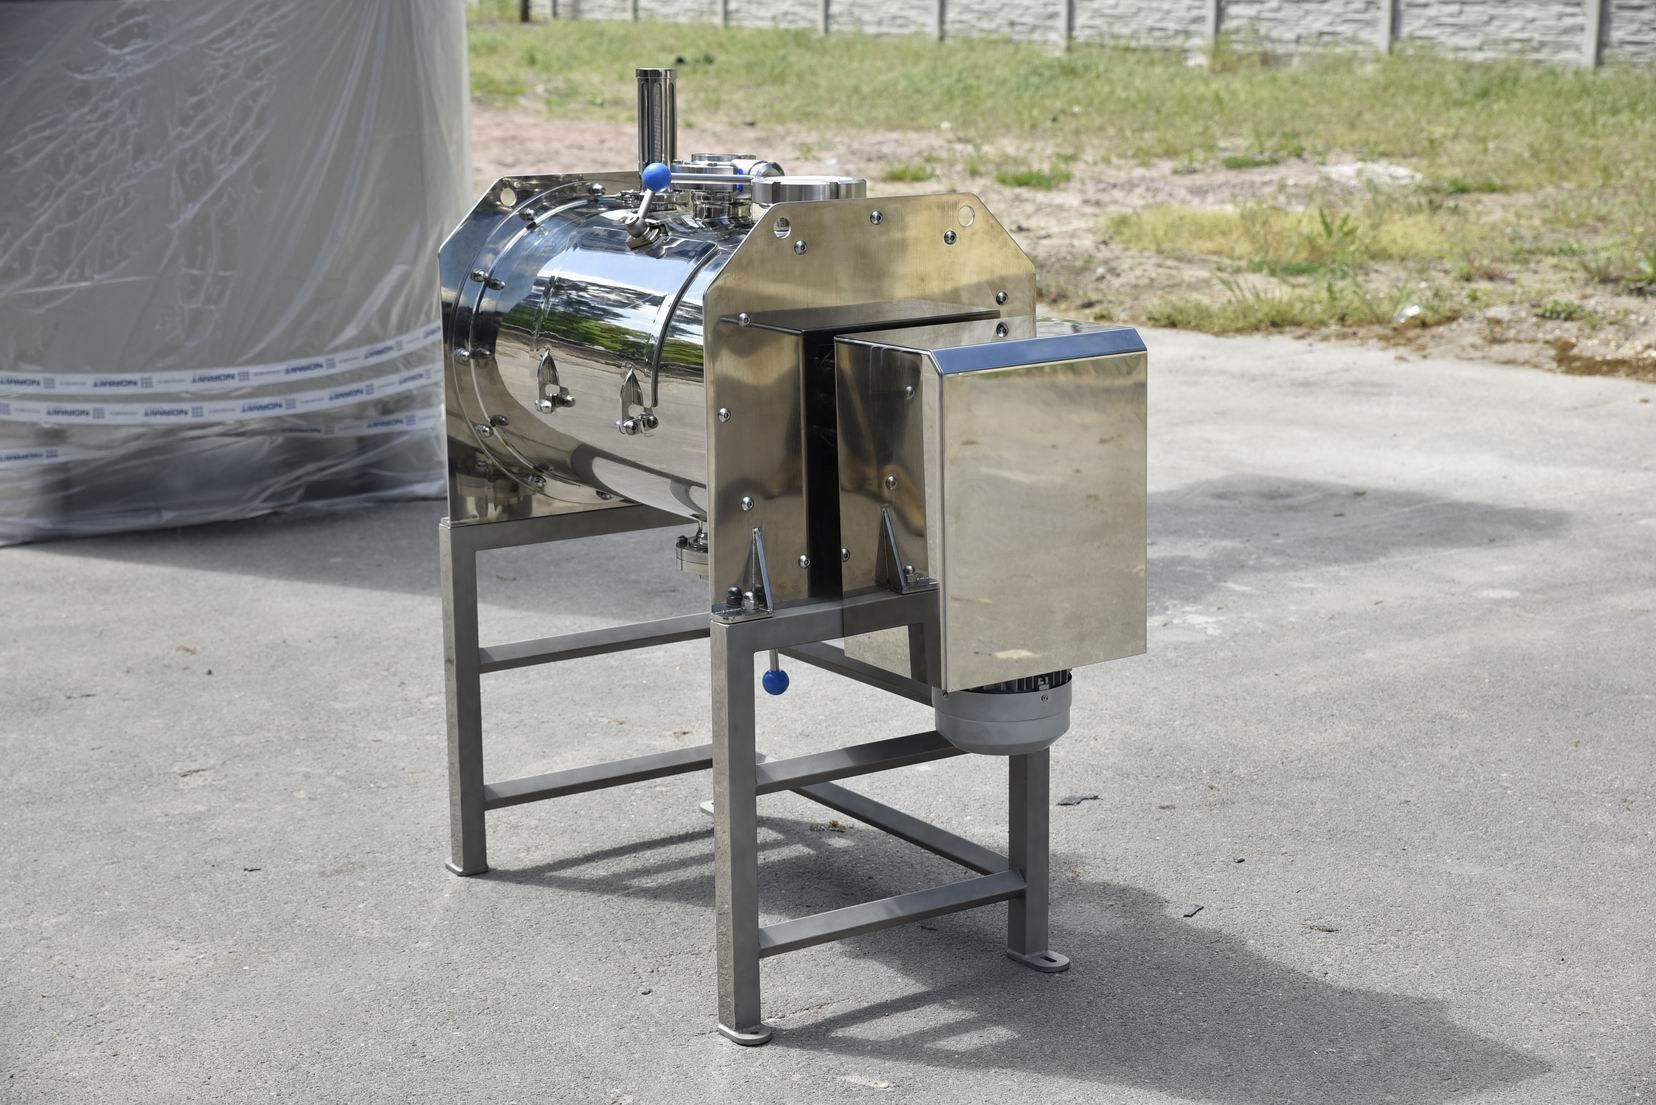 130 litrů, Horizontální rychlomísič práškových směsí.